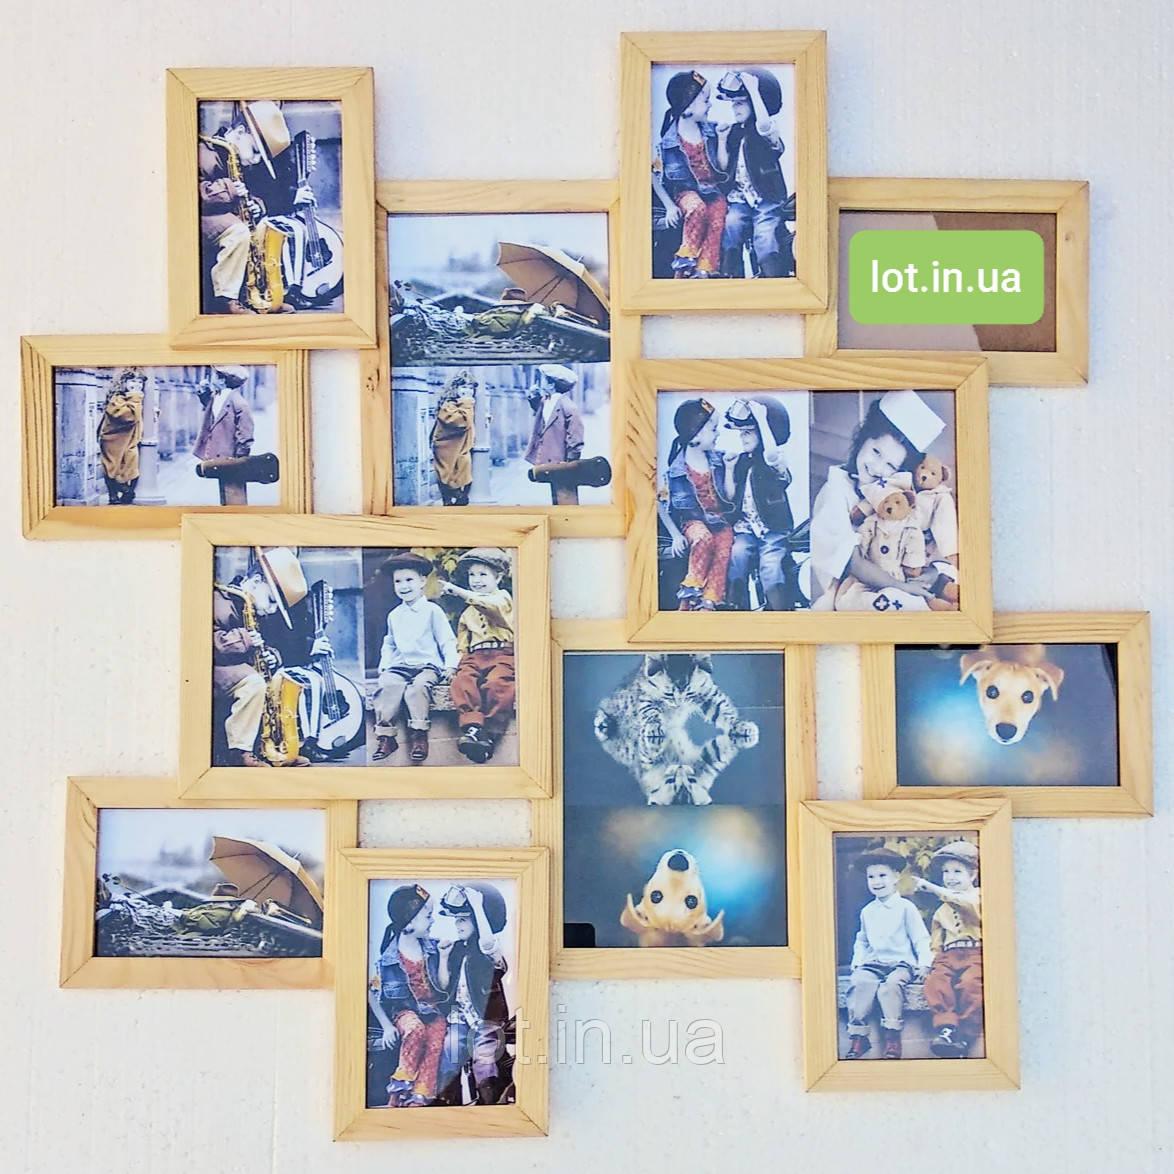 Мультирамка Lot 212, дерево, бесцветный, белый, чёрный, орех, венге, серый.